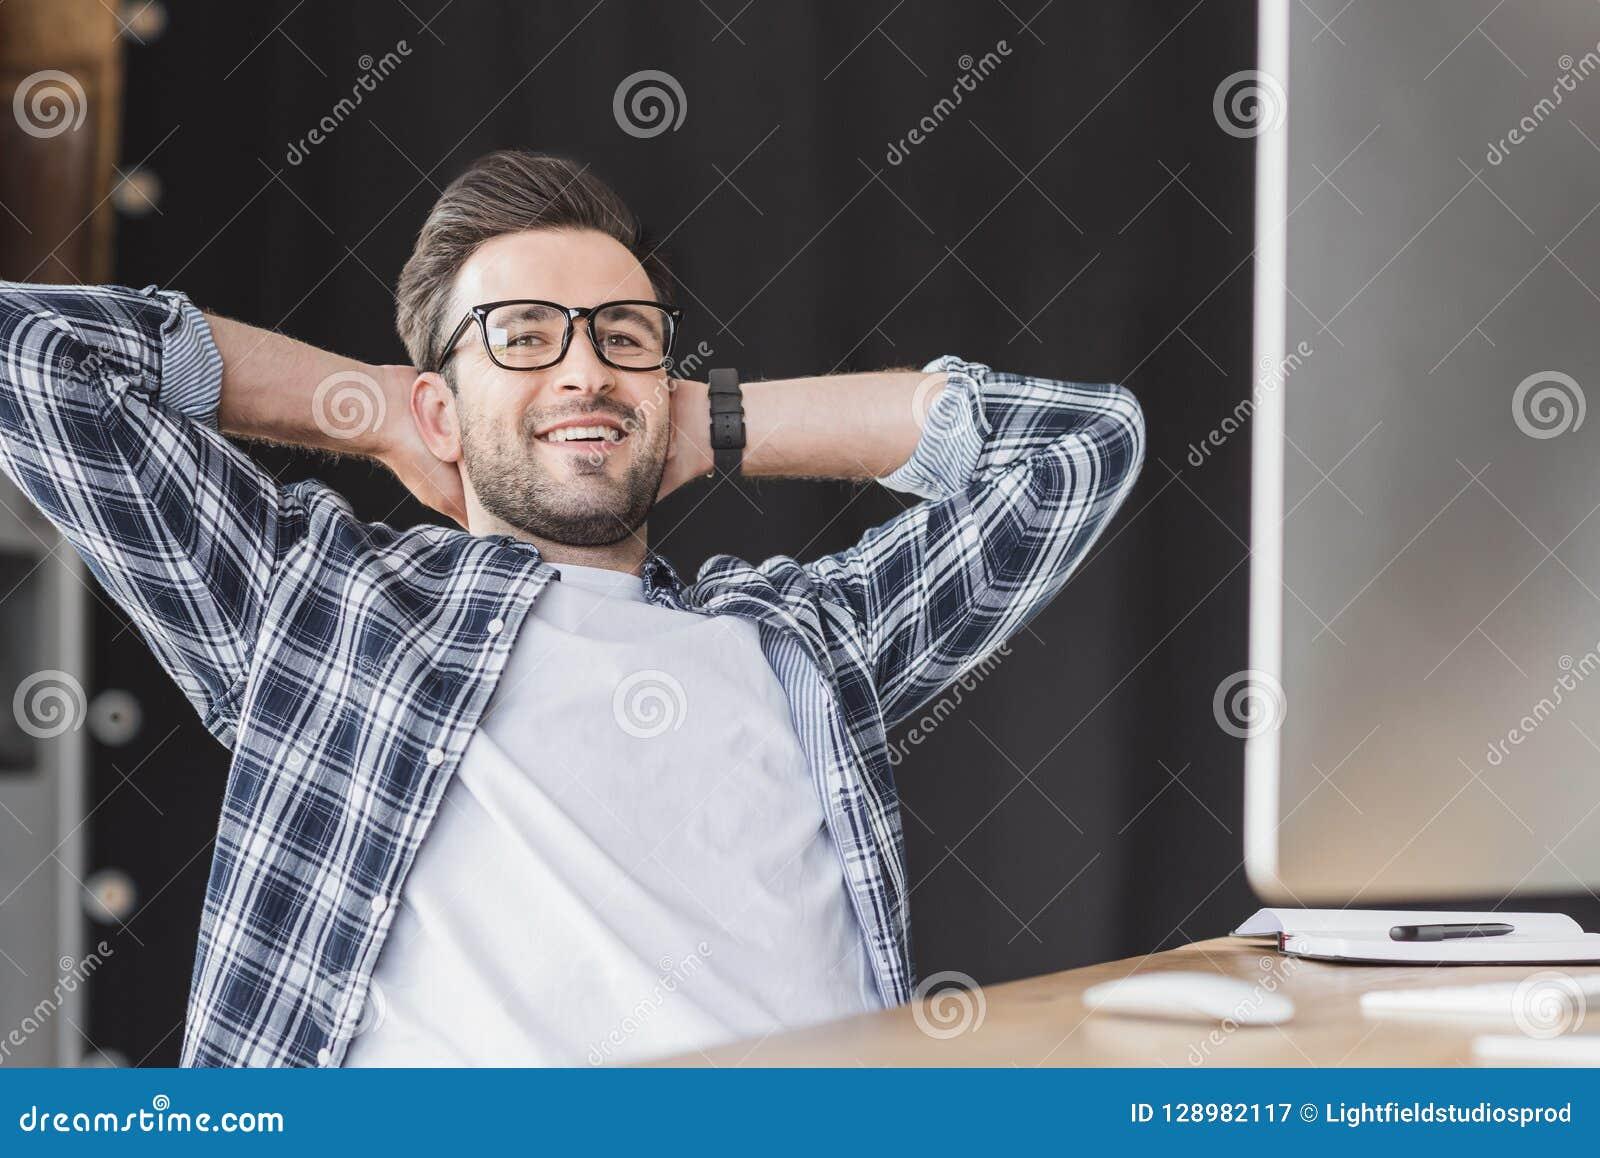 Programador joven hermoso en lentes que sonríe en la cámara mientras que se sienta con las manos detrás de la cabeza